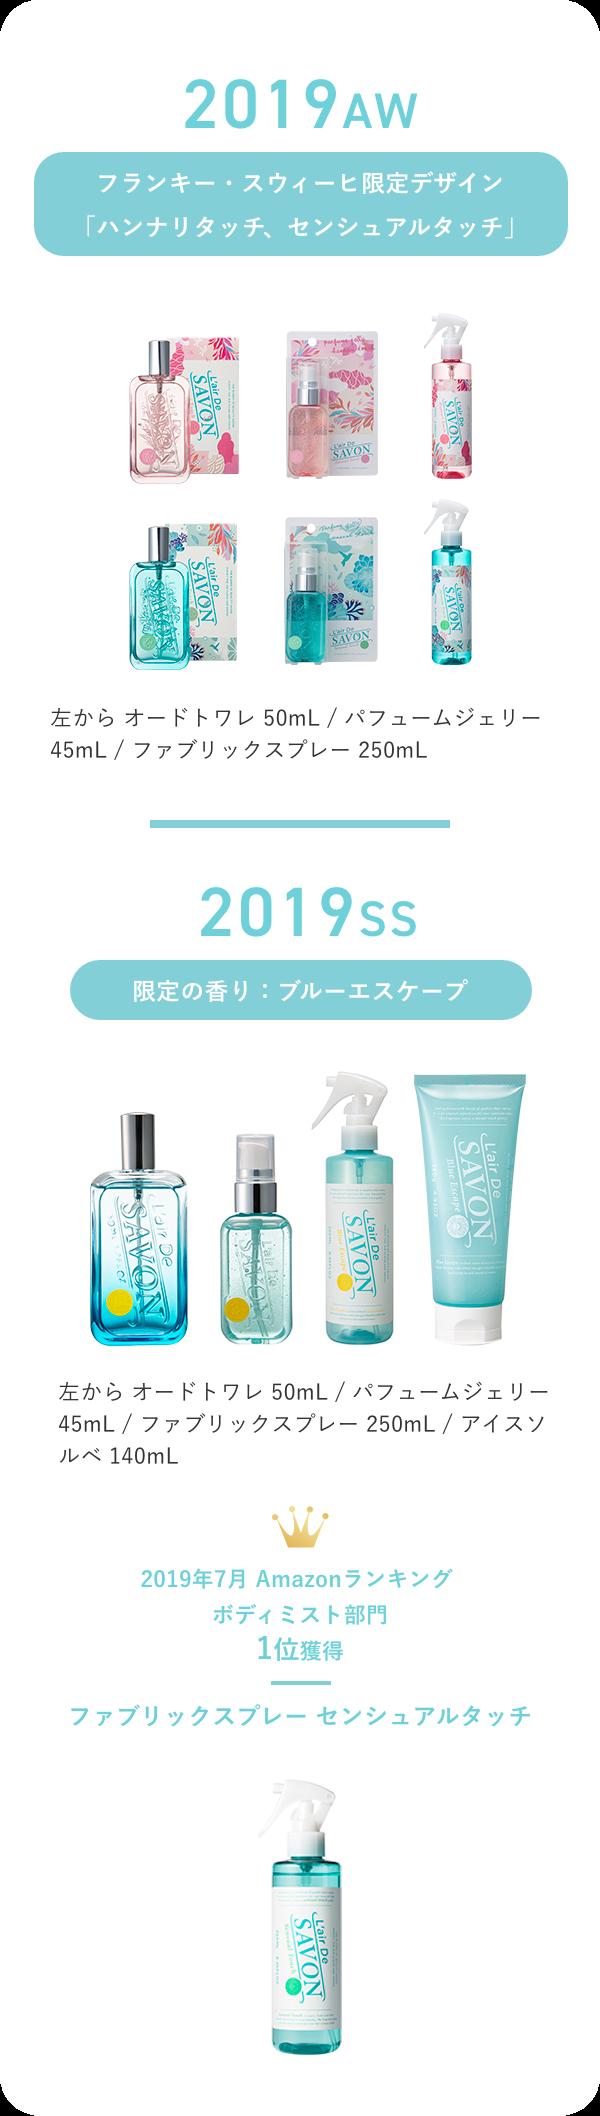 2019AW フランキー・スィーヒ限定デザイン, 2019SS 限定の香り:ブルーエスケープ